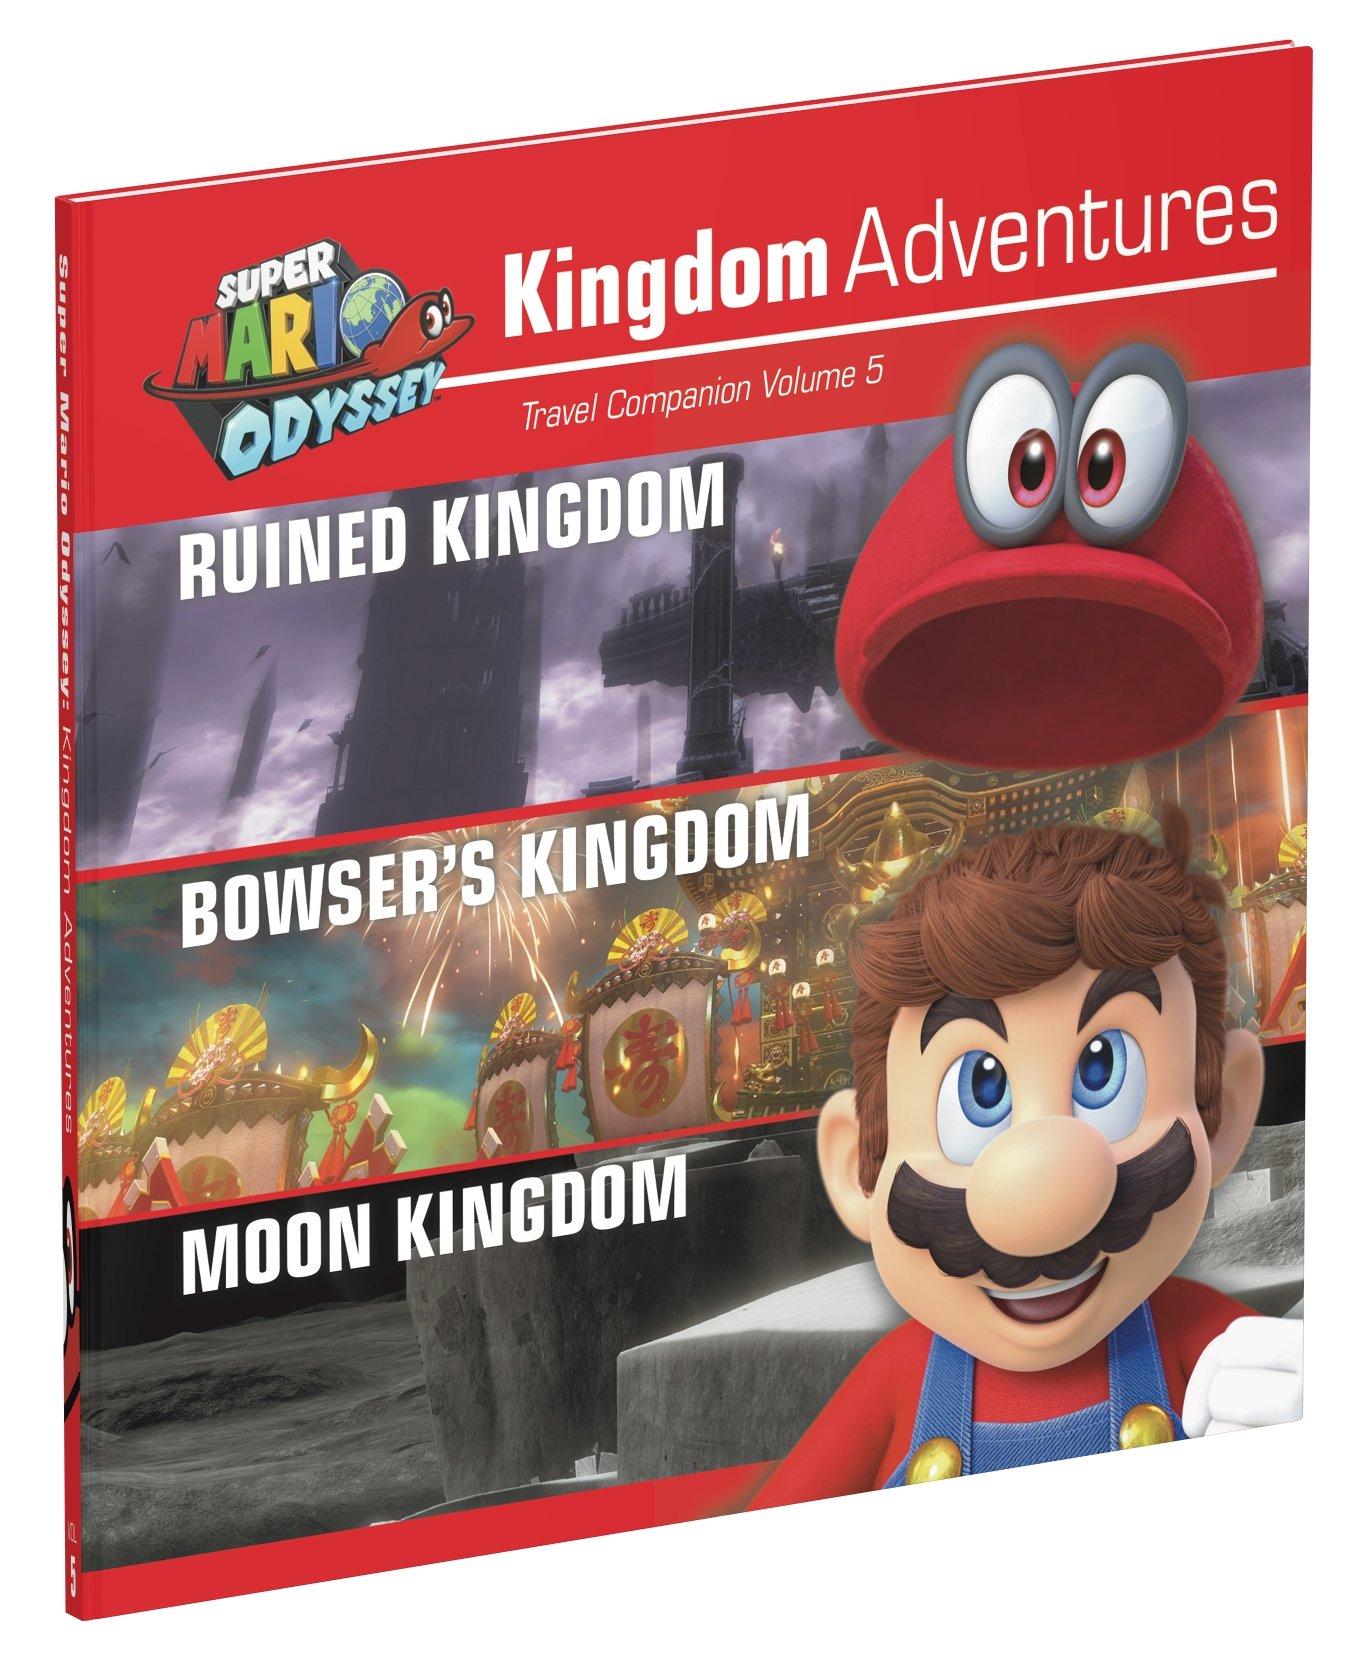 Super Mario Odyssey. Kingdom Adventures - Volume 5 Idioma Inglés: Amazon.es: Vv.Aa, Vv.Aa: Libros en idiomas extranjeros